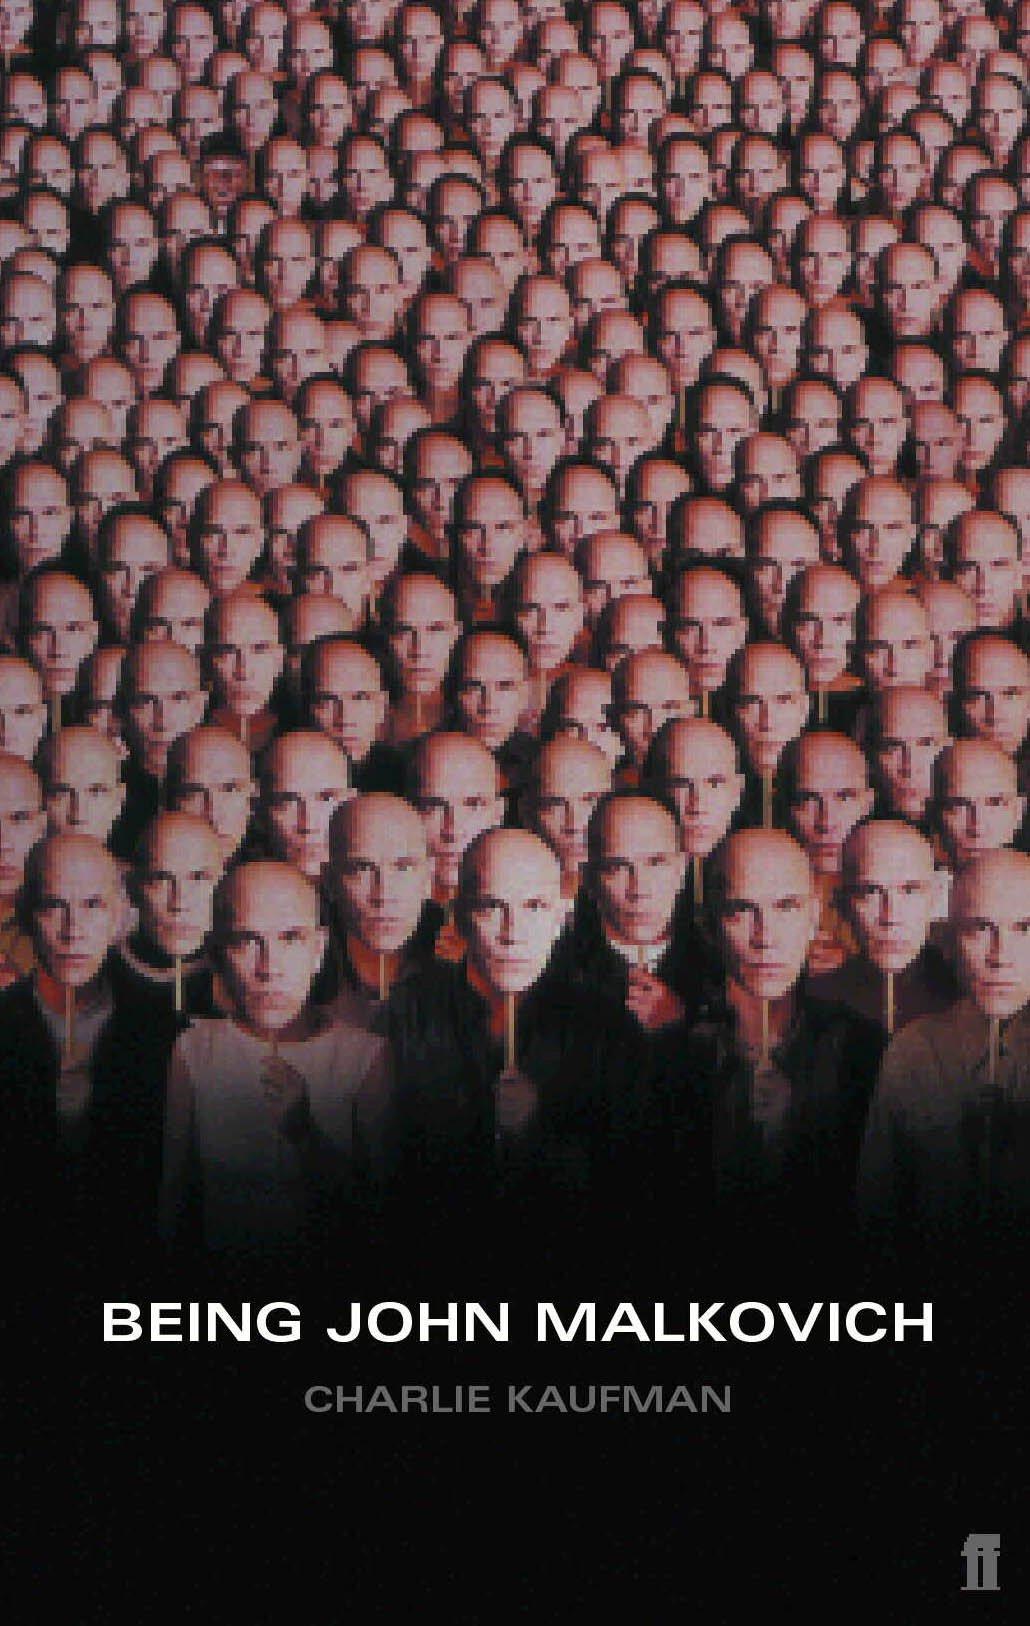 being john malkovich movie download